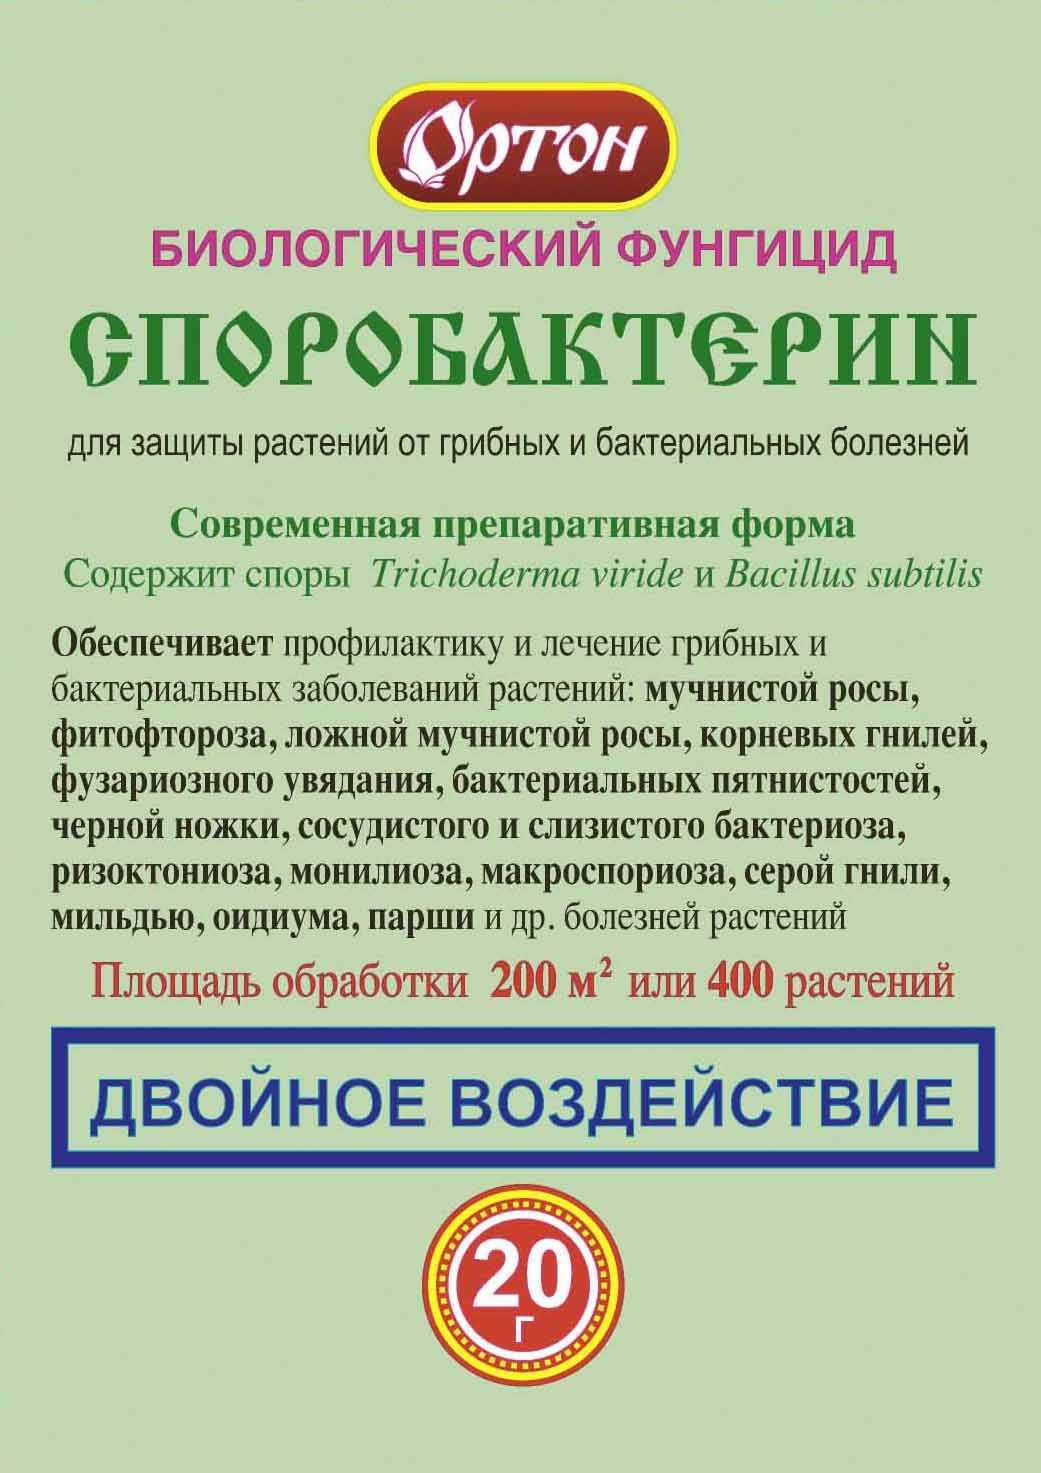 sporobakterin-foto-video-instruktsiya-po-primeneniyu-kak-zashhitit-rassadu-2